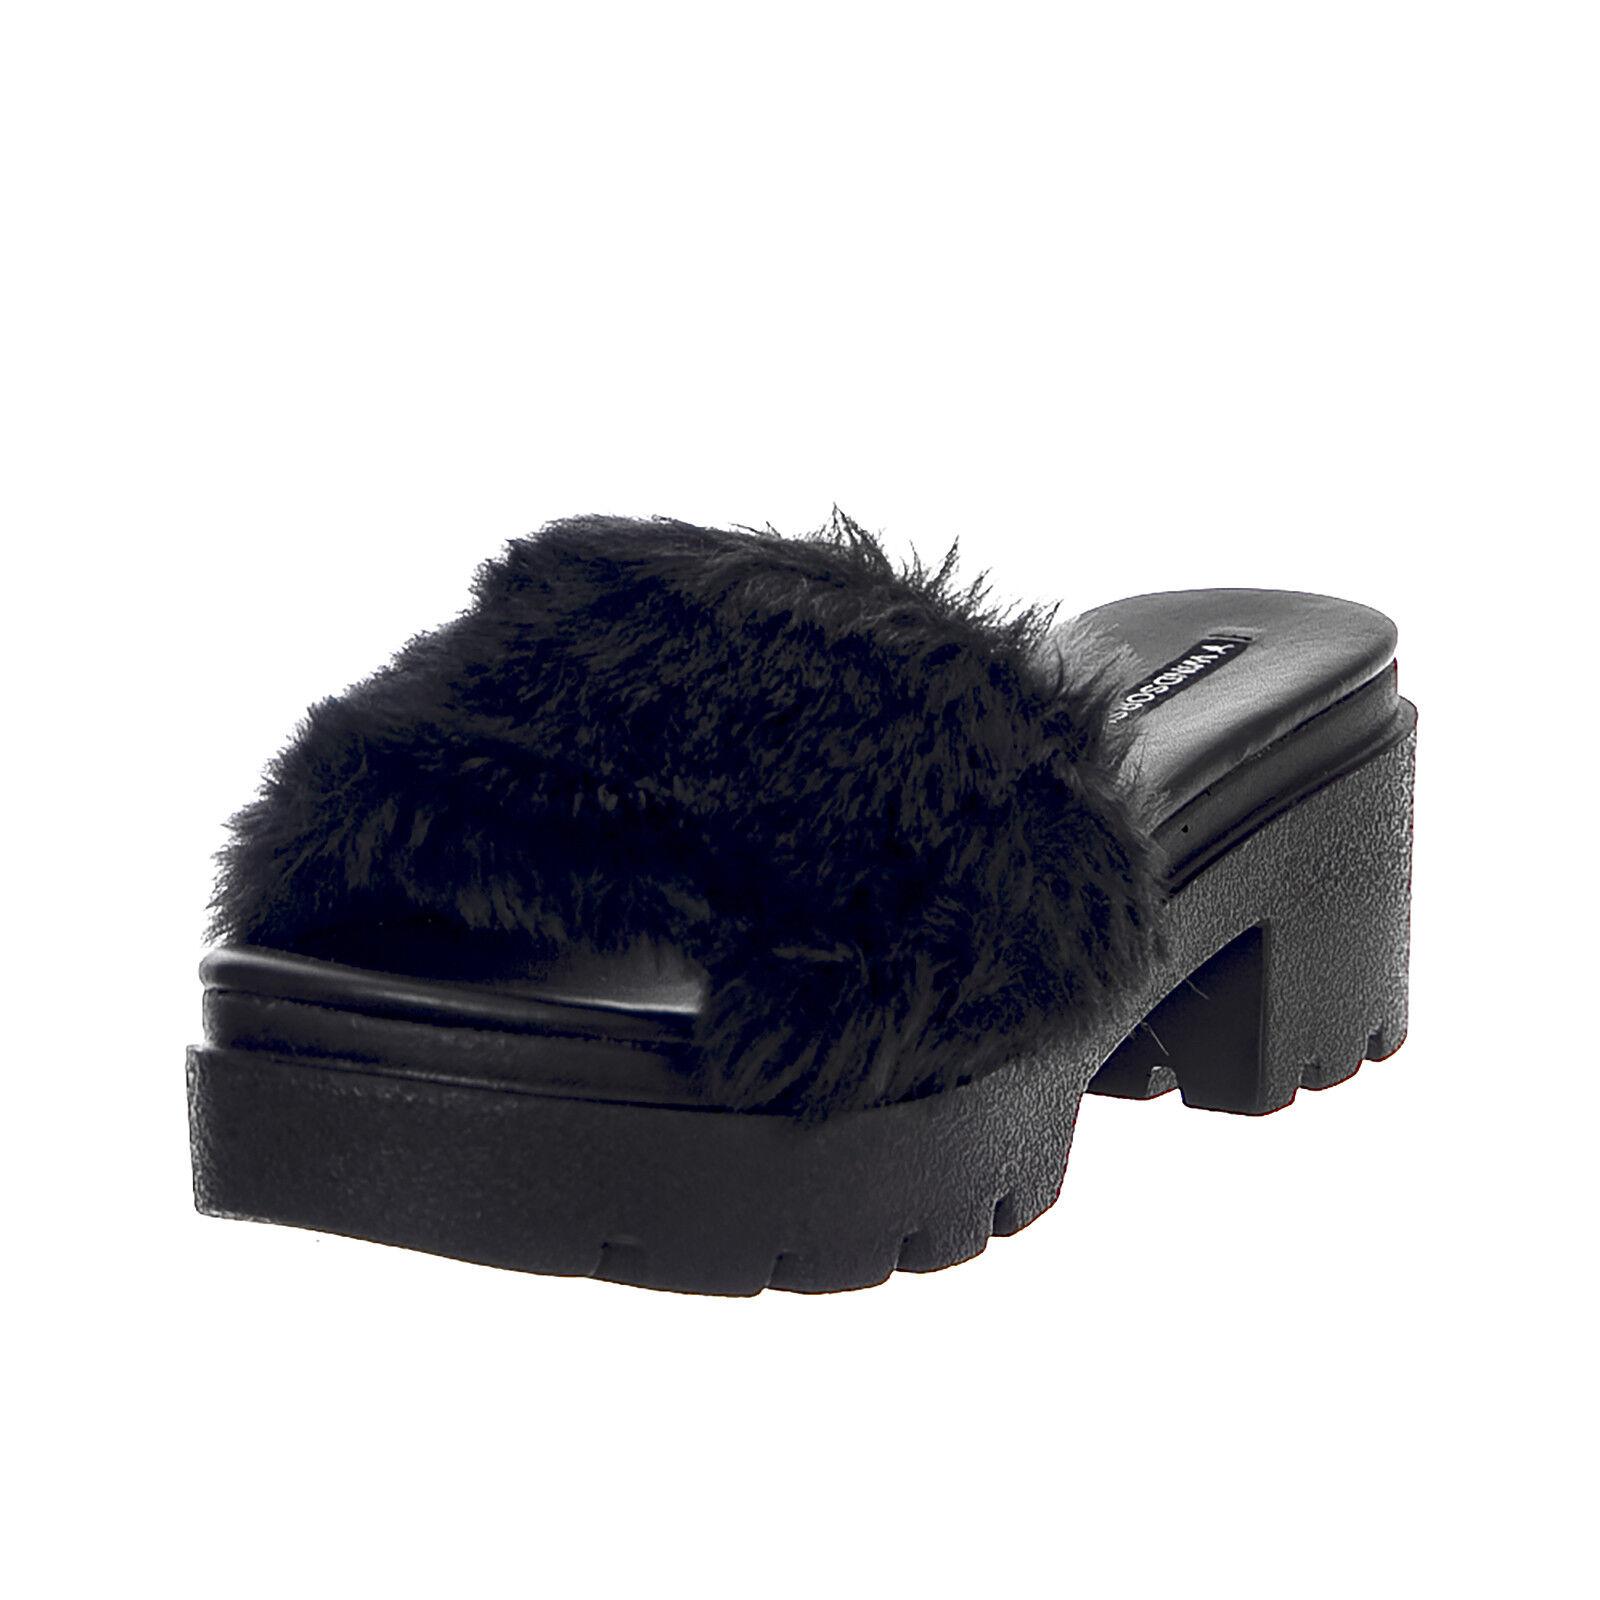 Windsor Smith Sandals Elva Black Black